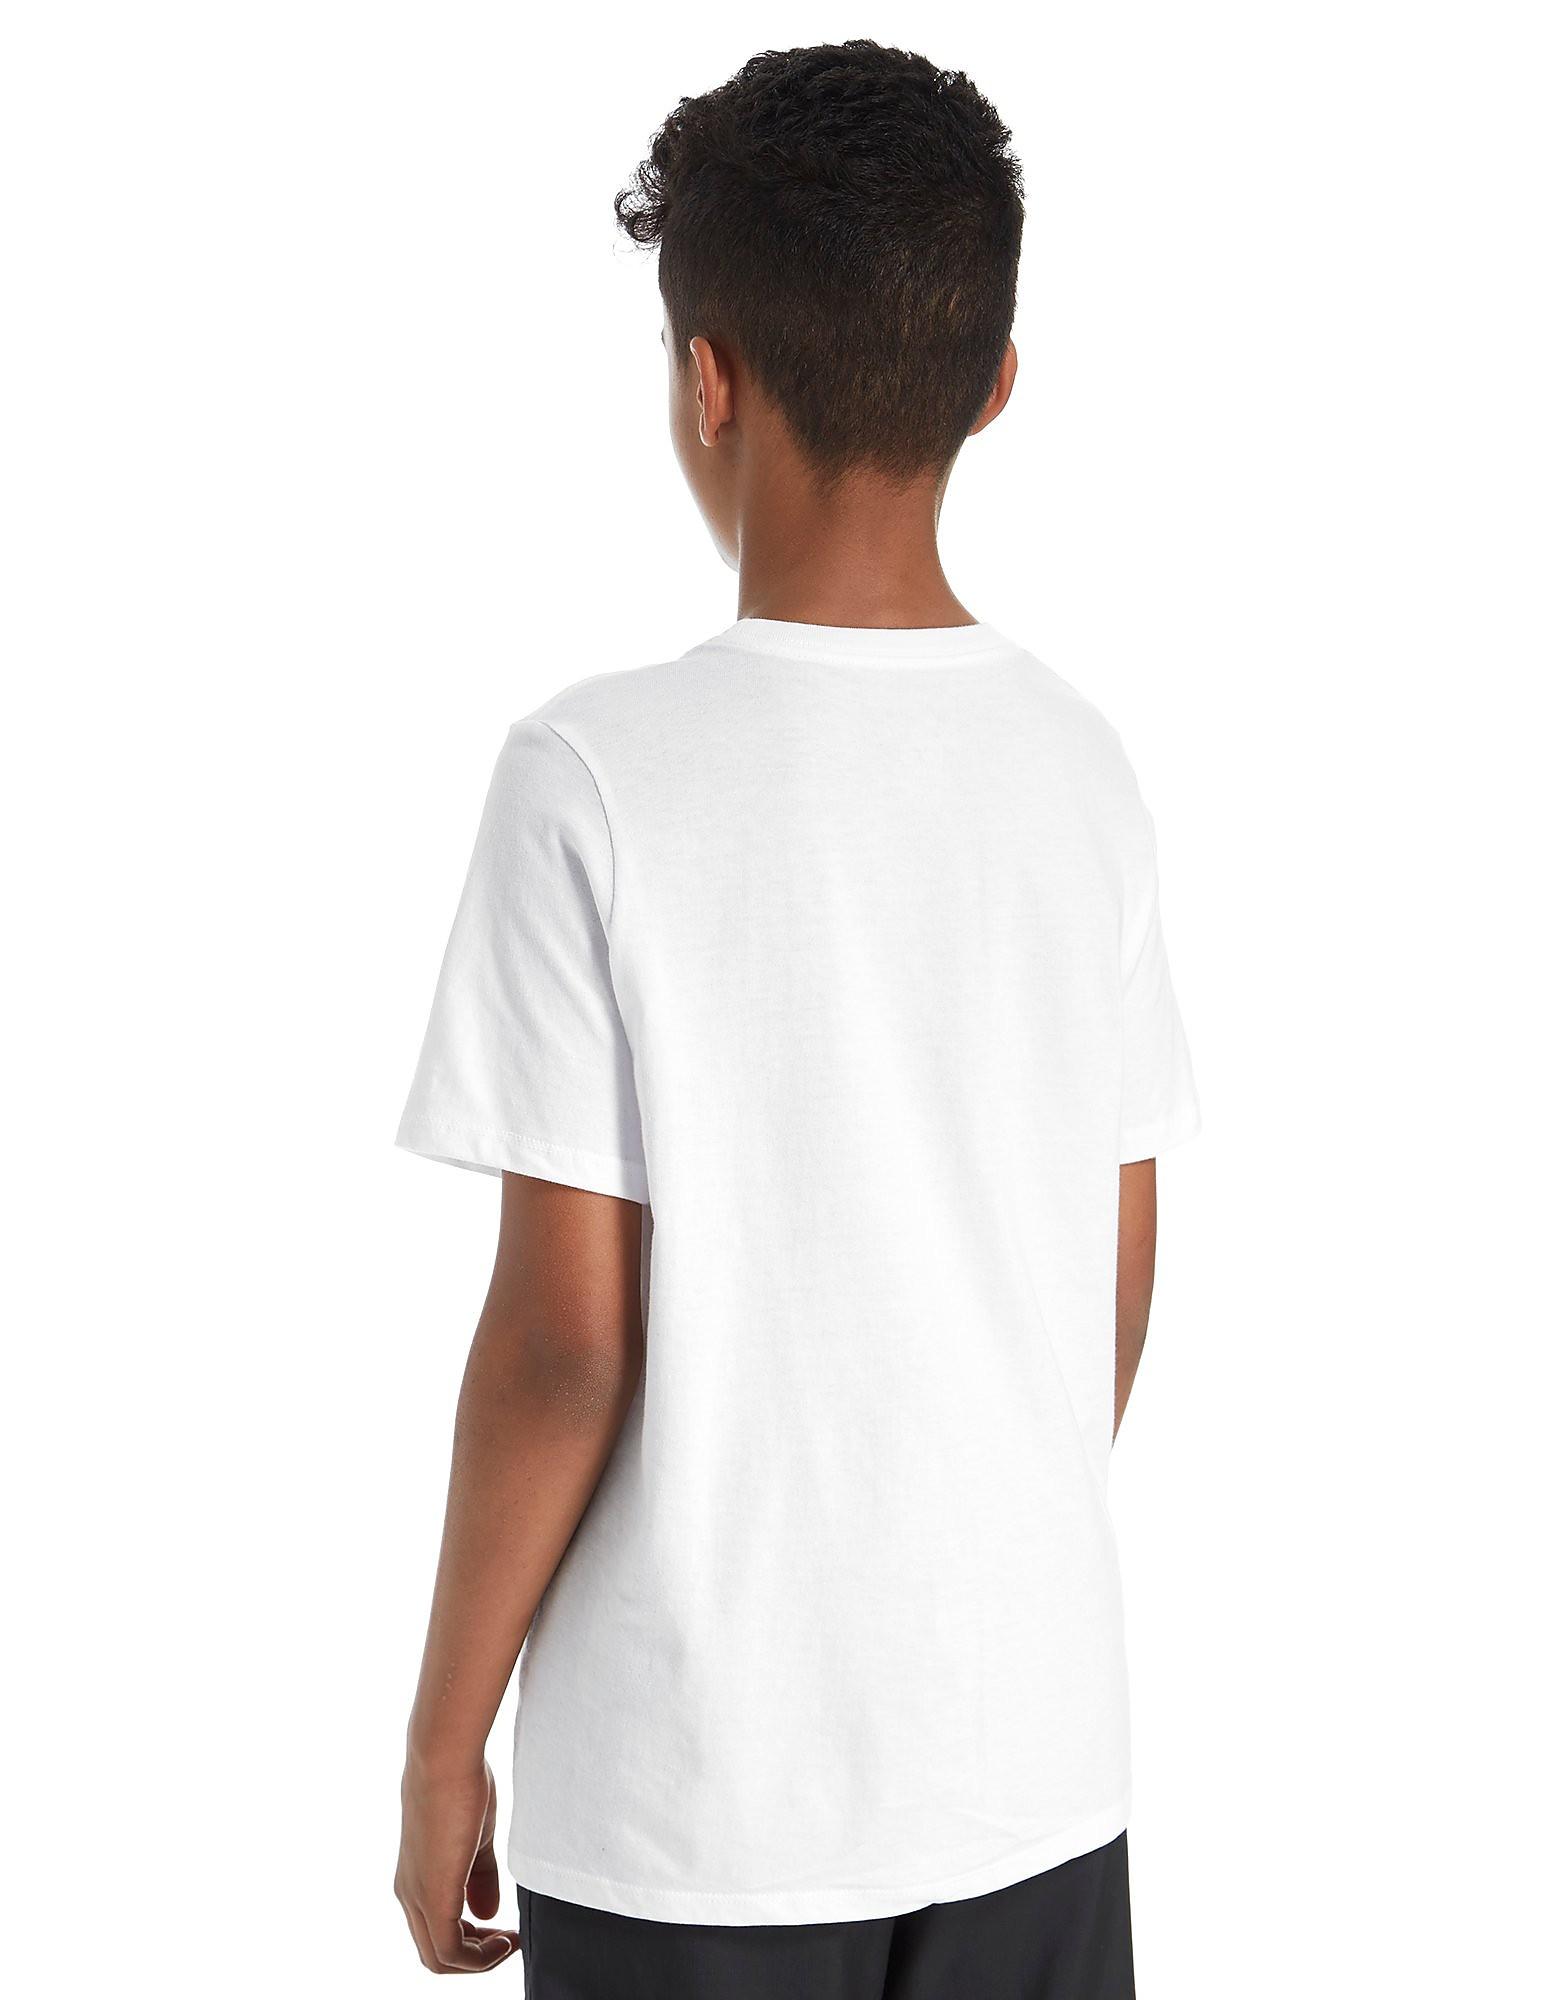 Nike Worldwide T-Shirt Junior